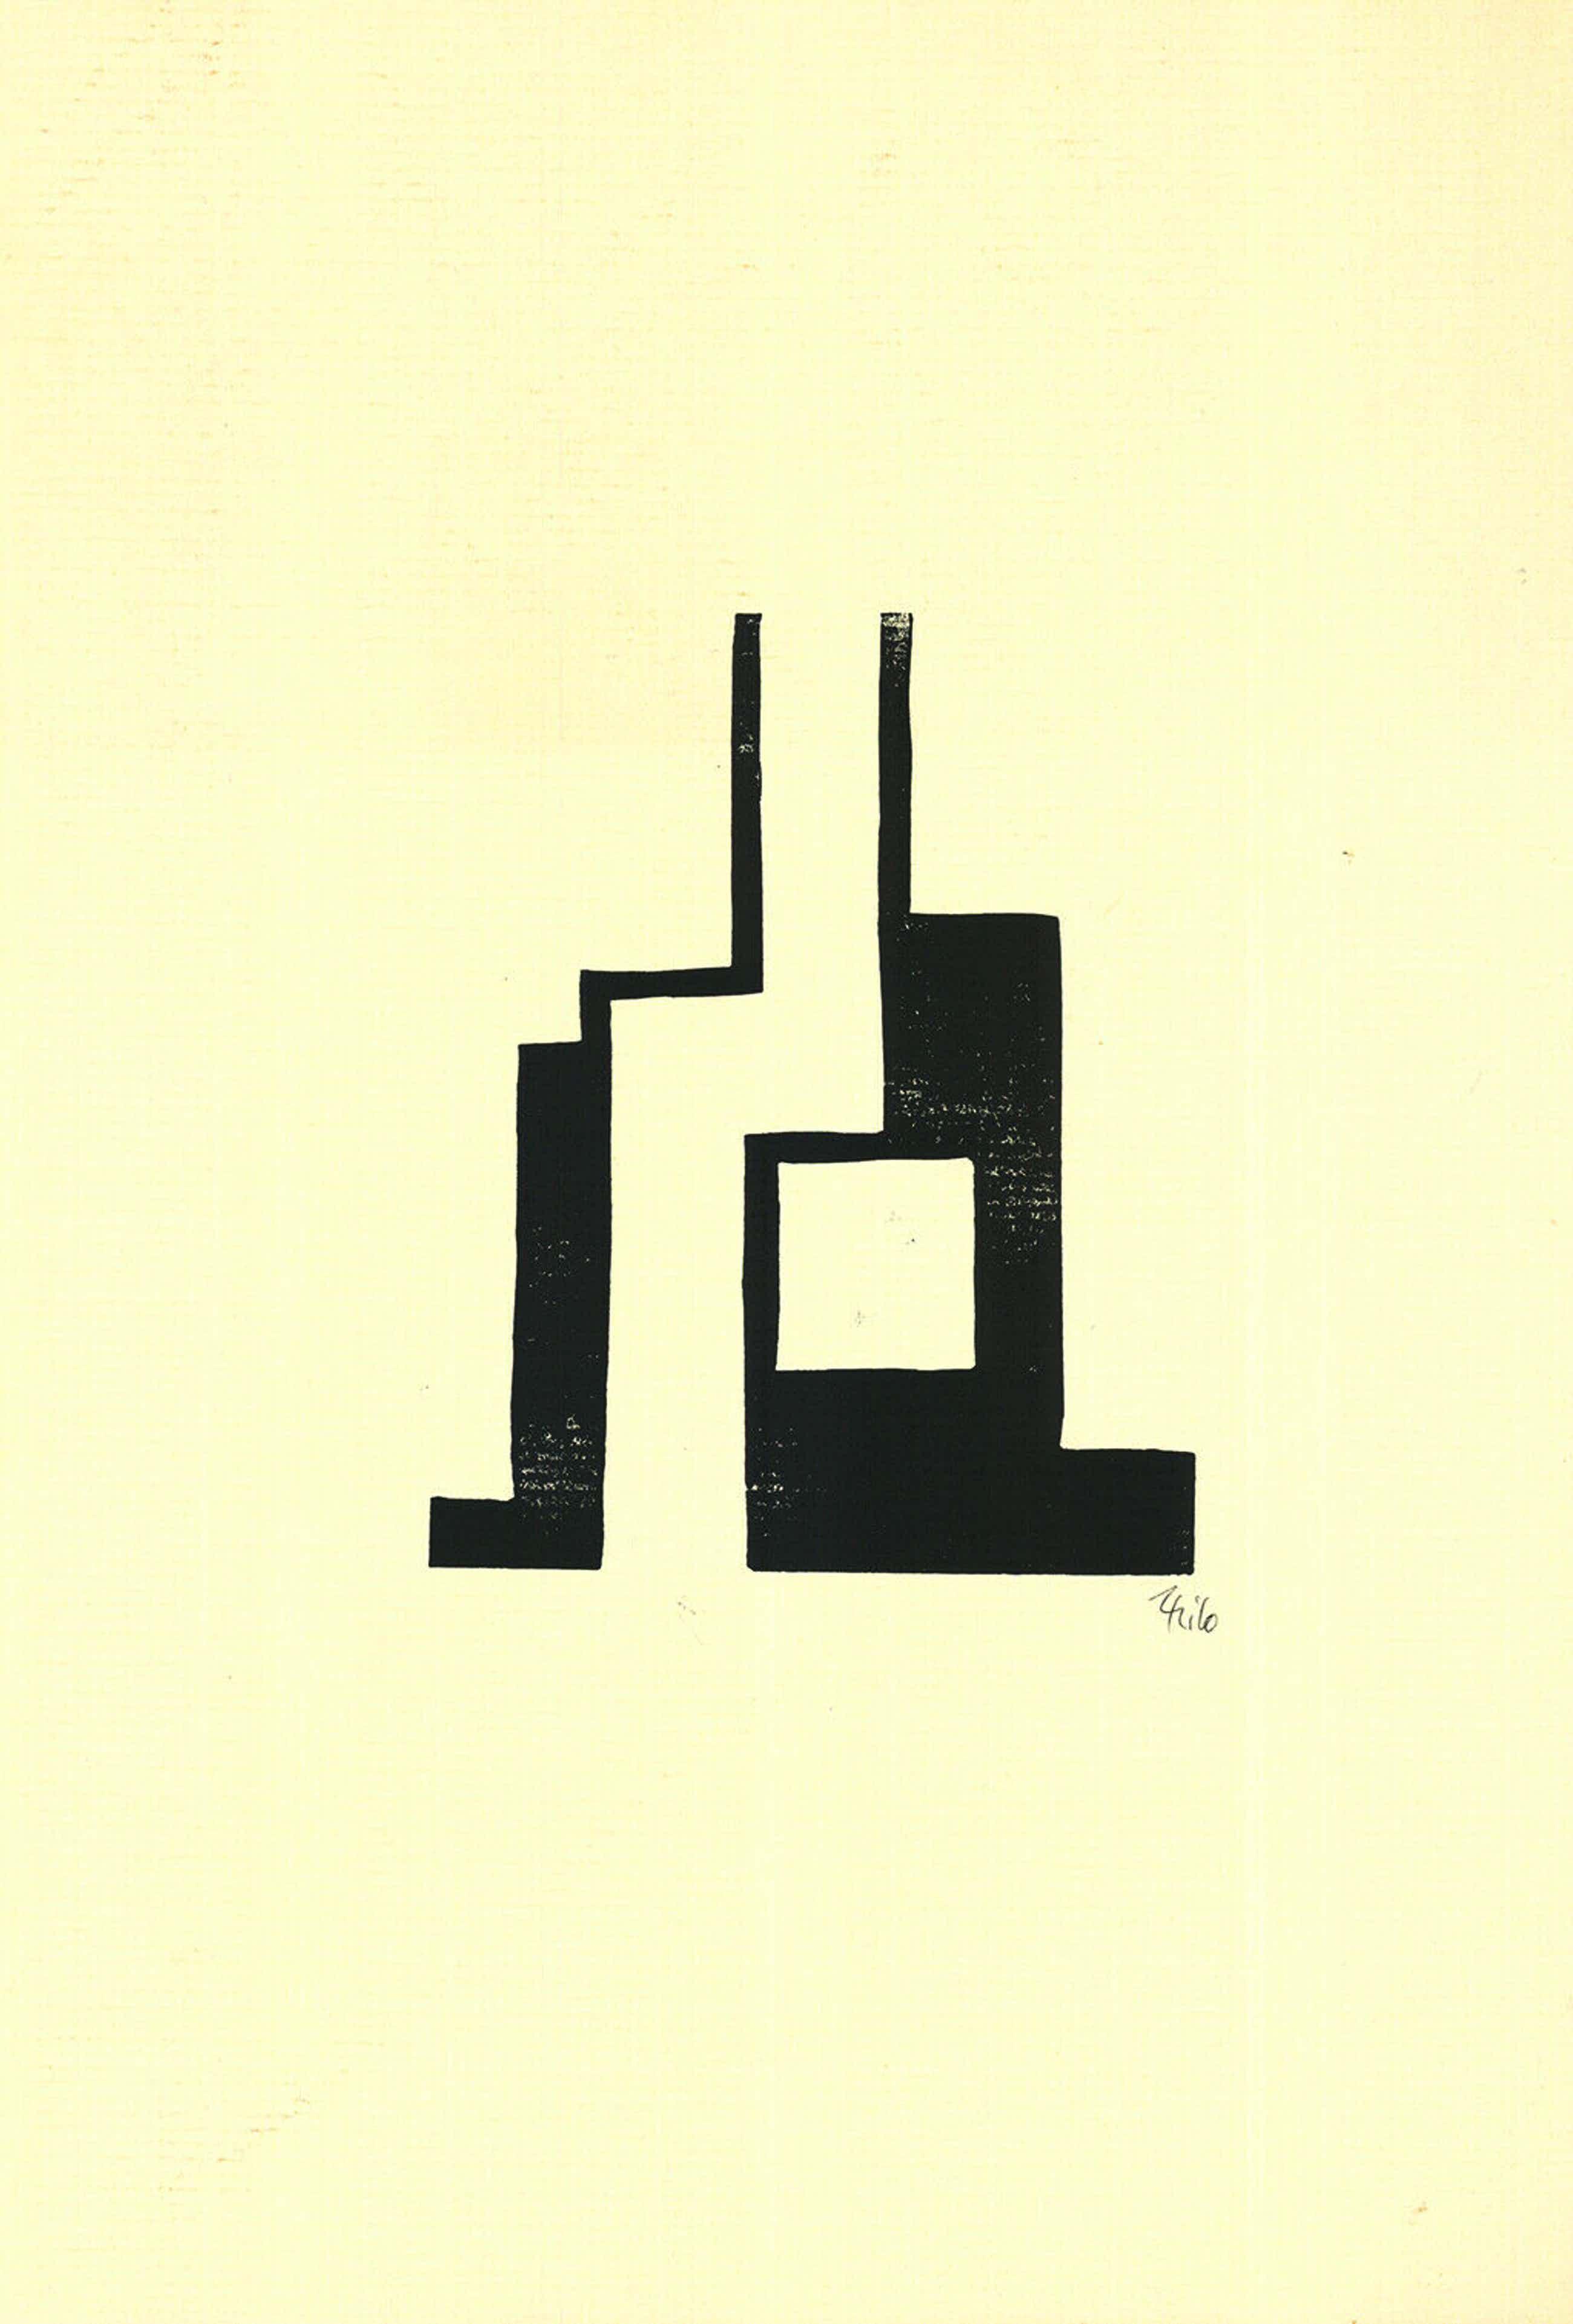 Thilo Maatsch - Handgesigneerde houtsnede: Geometrische Compositie kopen? Bied vanaf 35!